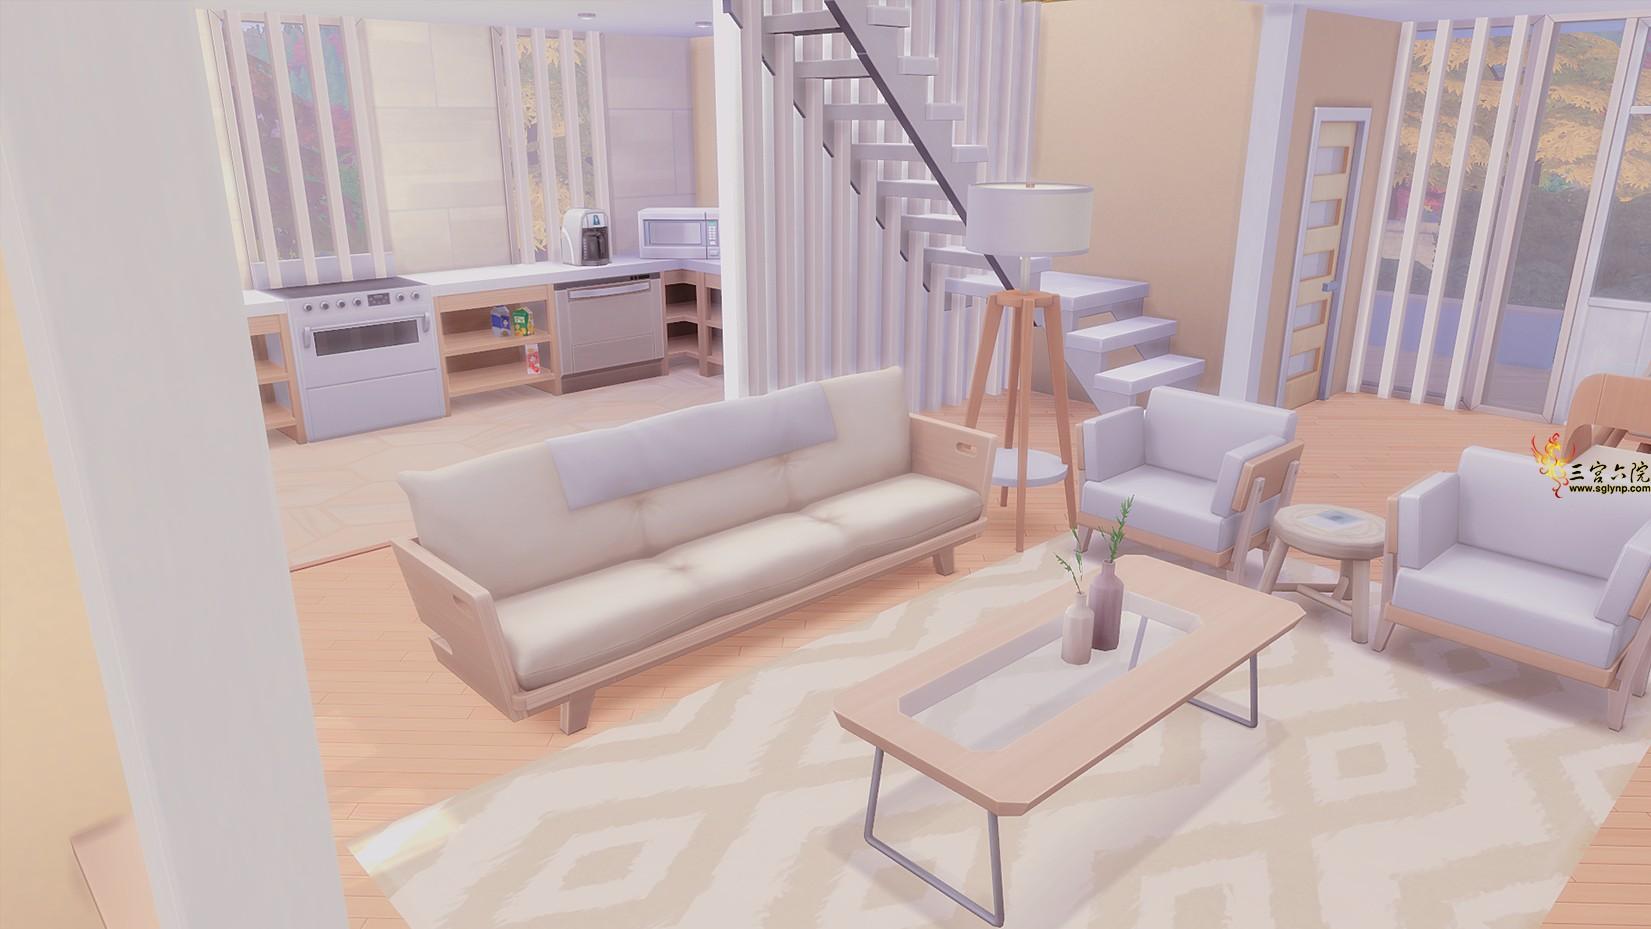 Sims 4 Screenshot 2021.02.14 - 14.08.06.16.png